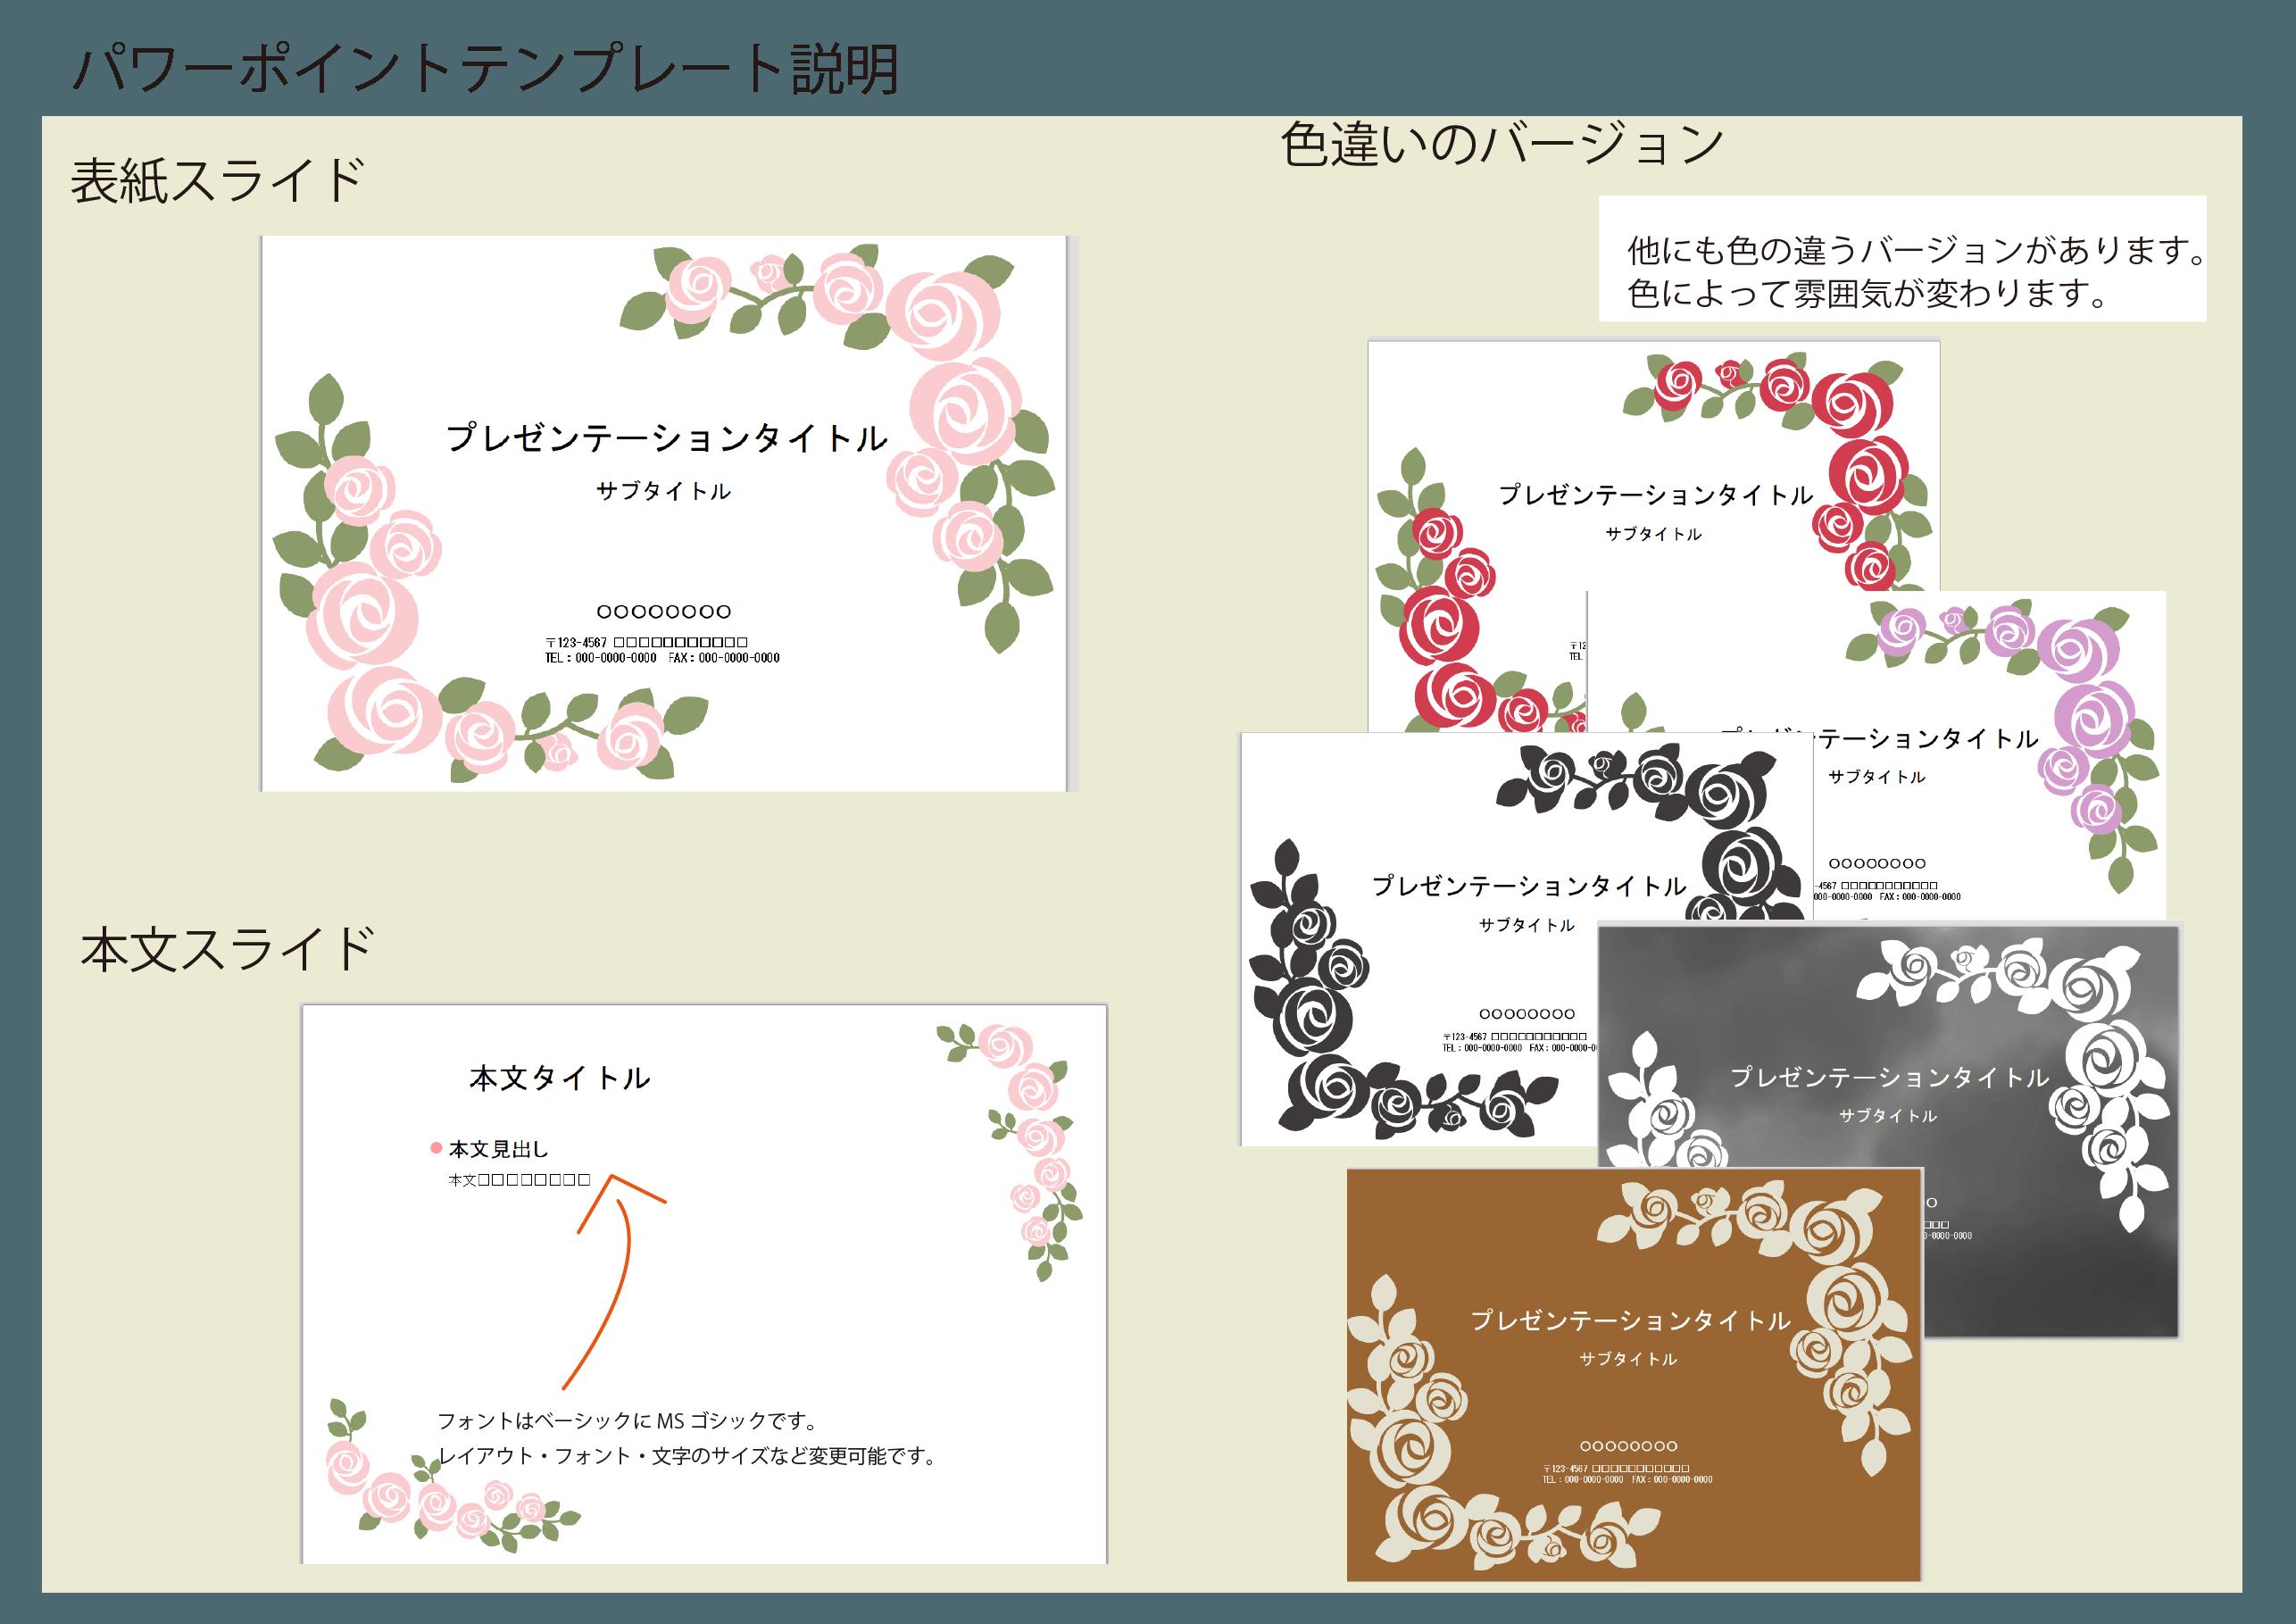 薔薇の花の背景「モノクロ」の使い方